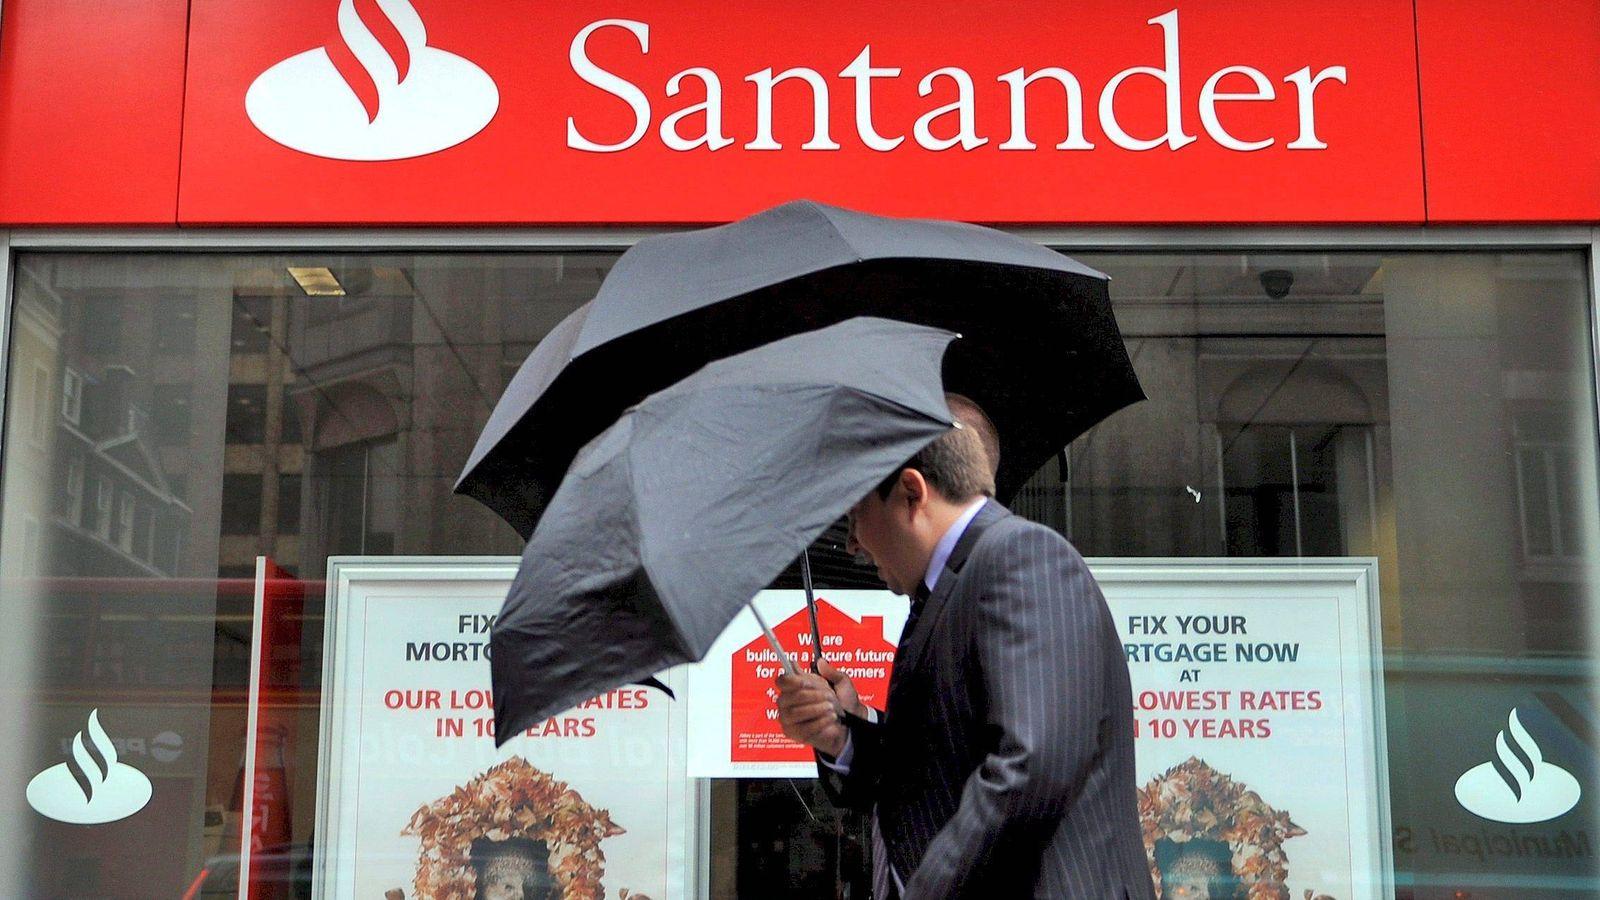 Foto: Oficina de Banco Santander en Londres. (Efe)